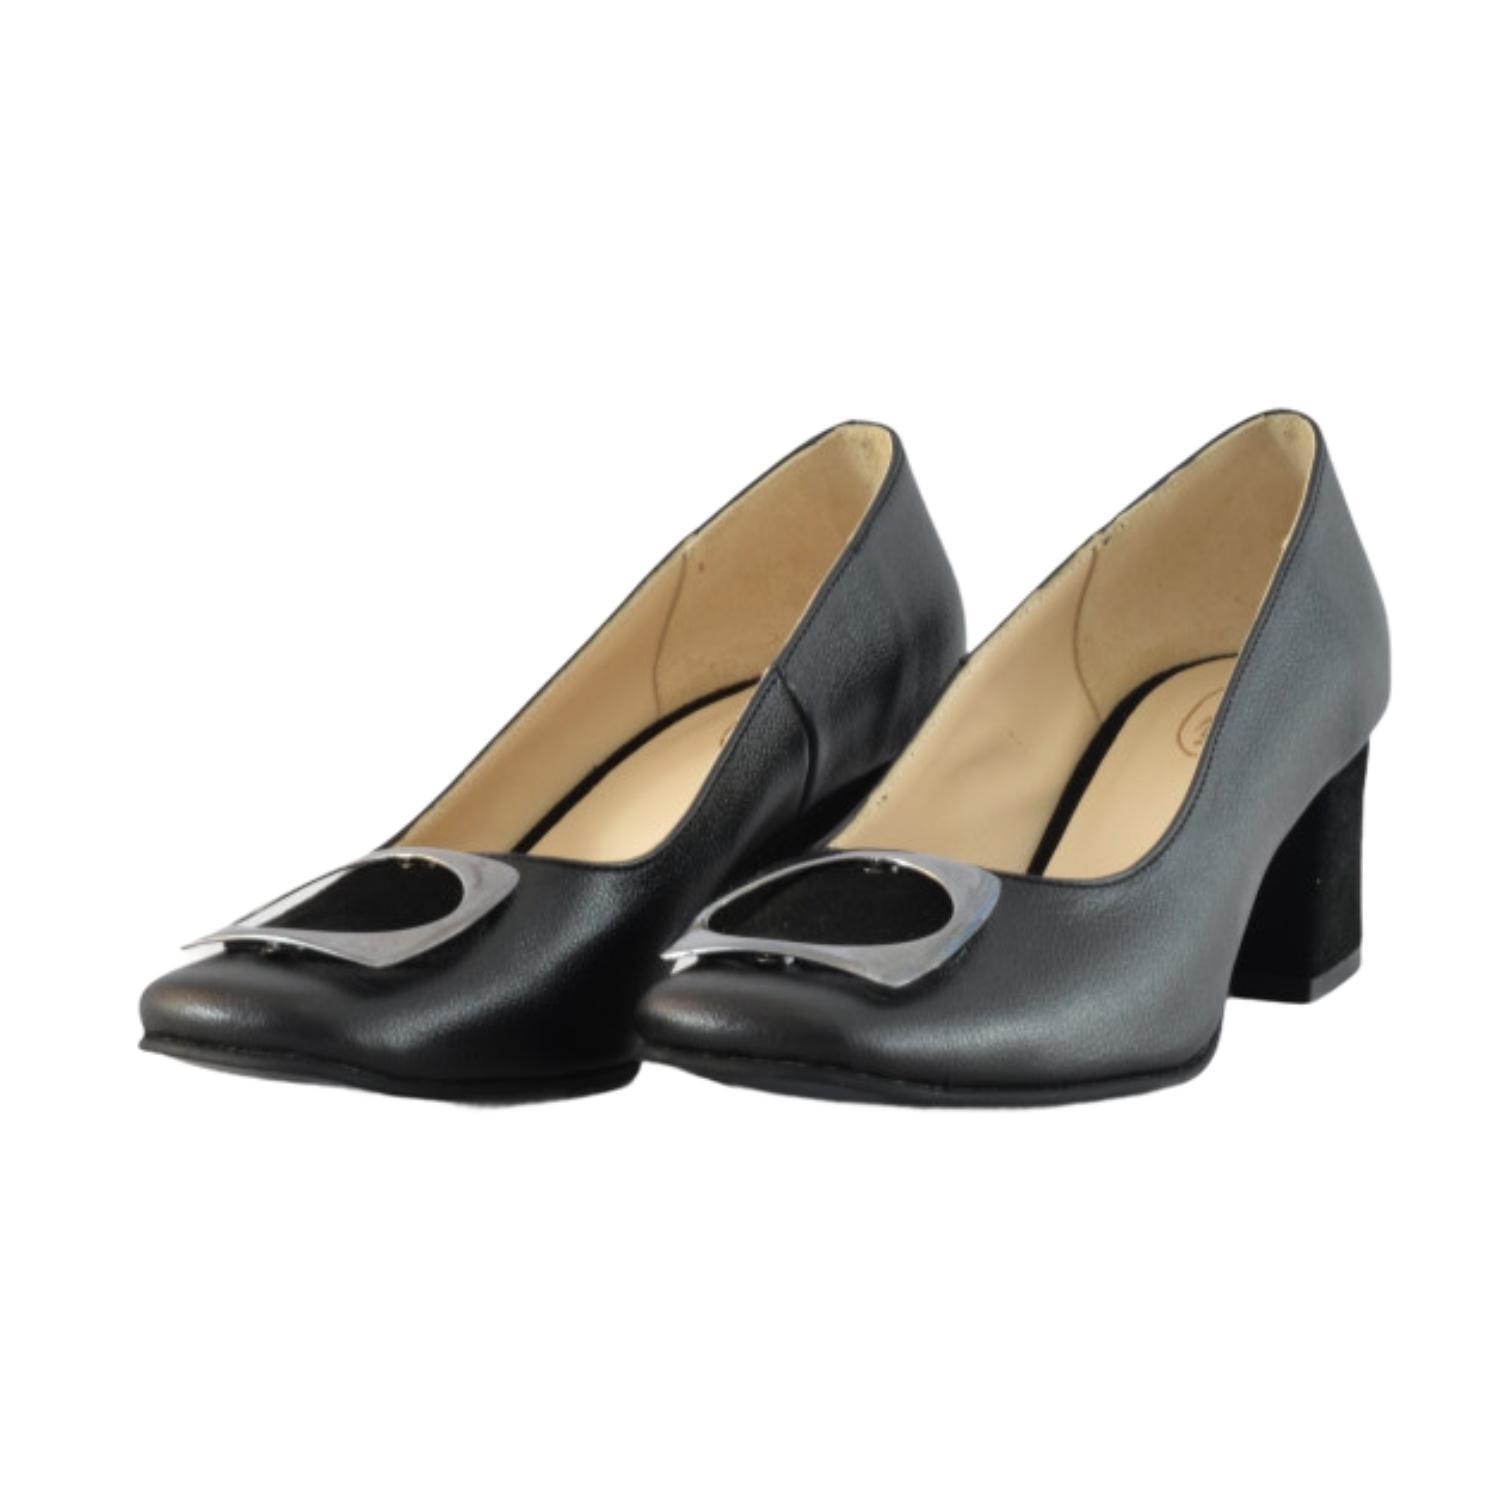 Pantofi negri cu accesoriu metalic si toc cu piele intoarsa